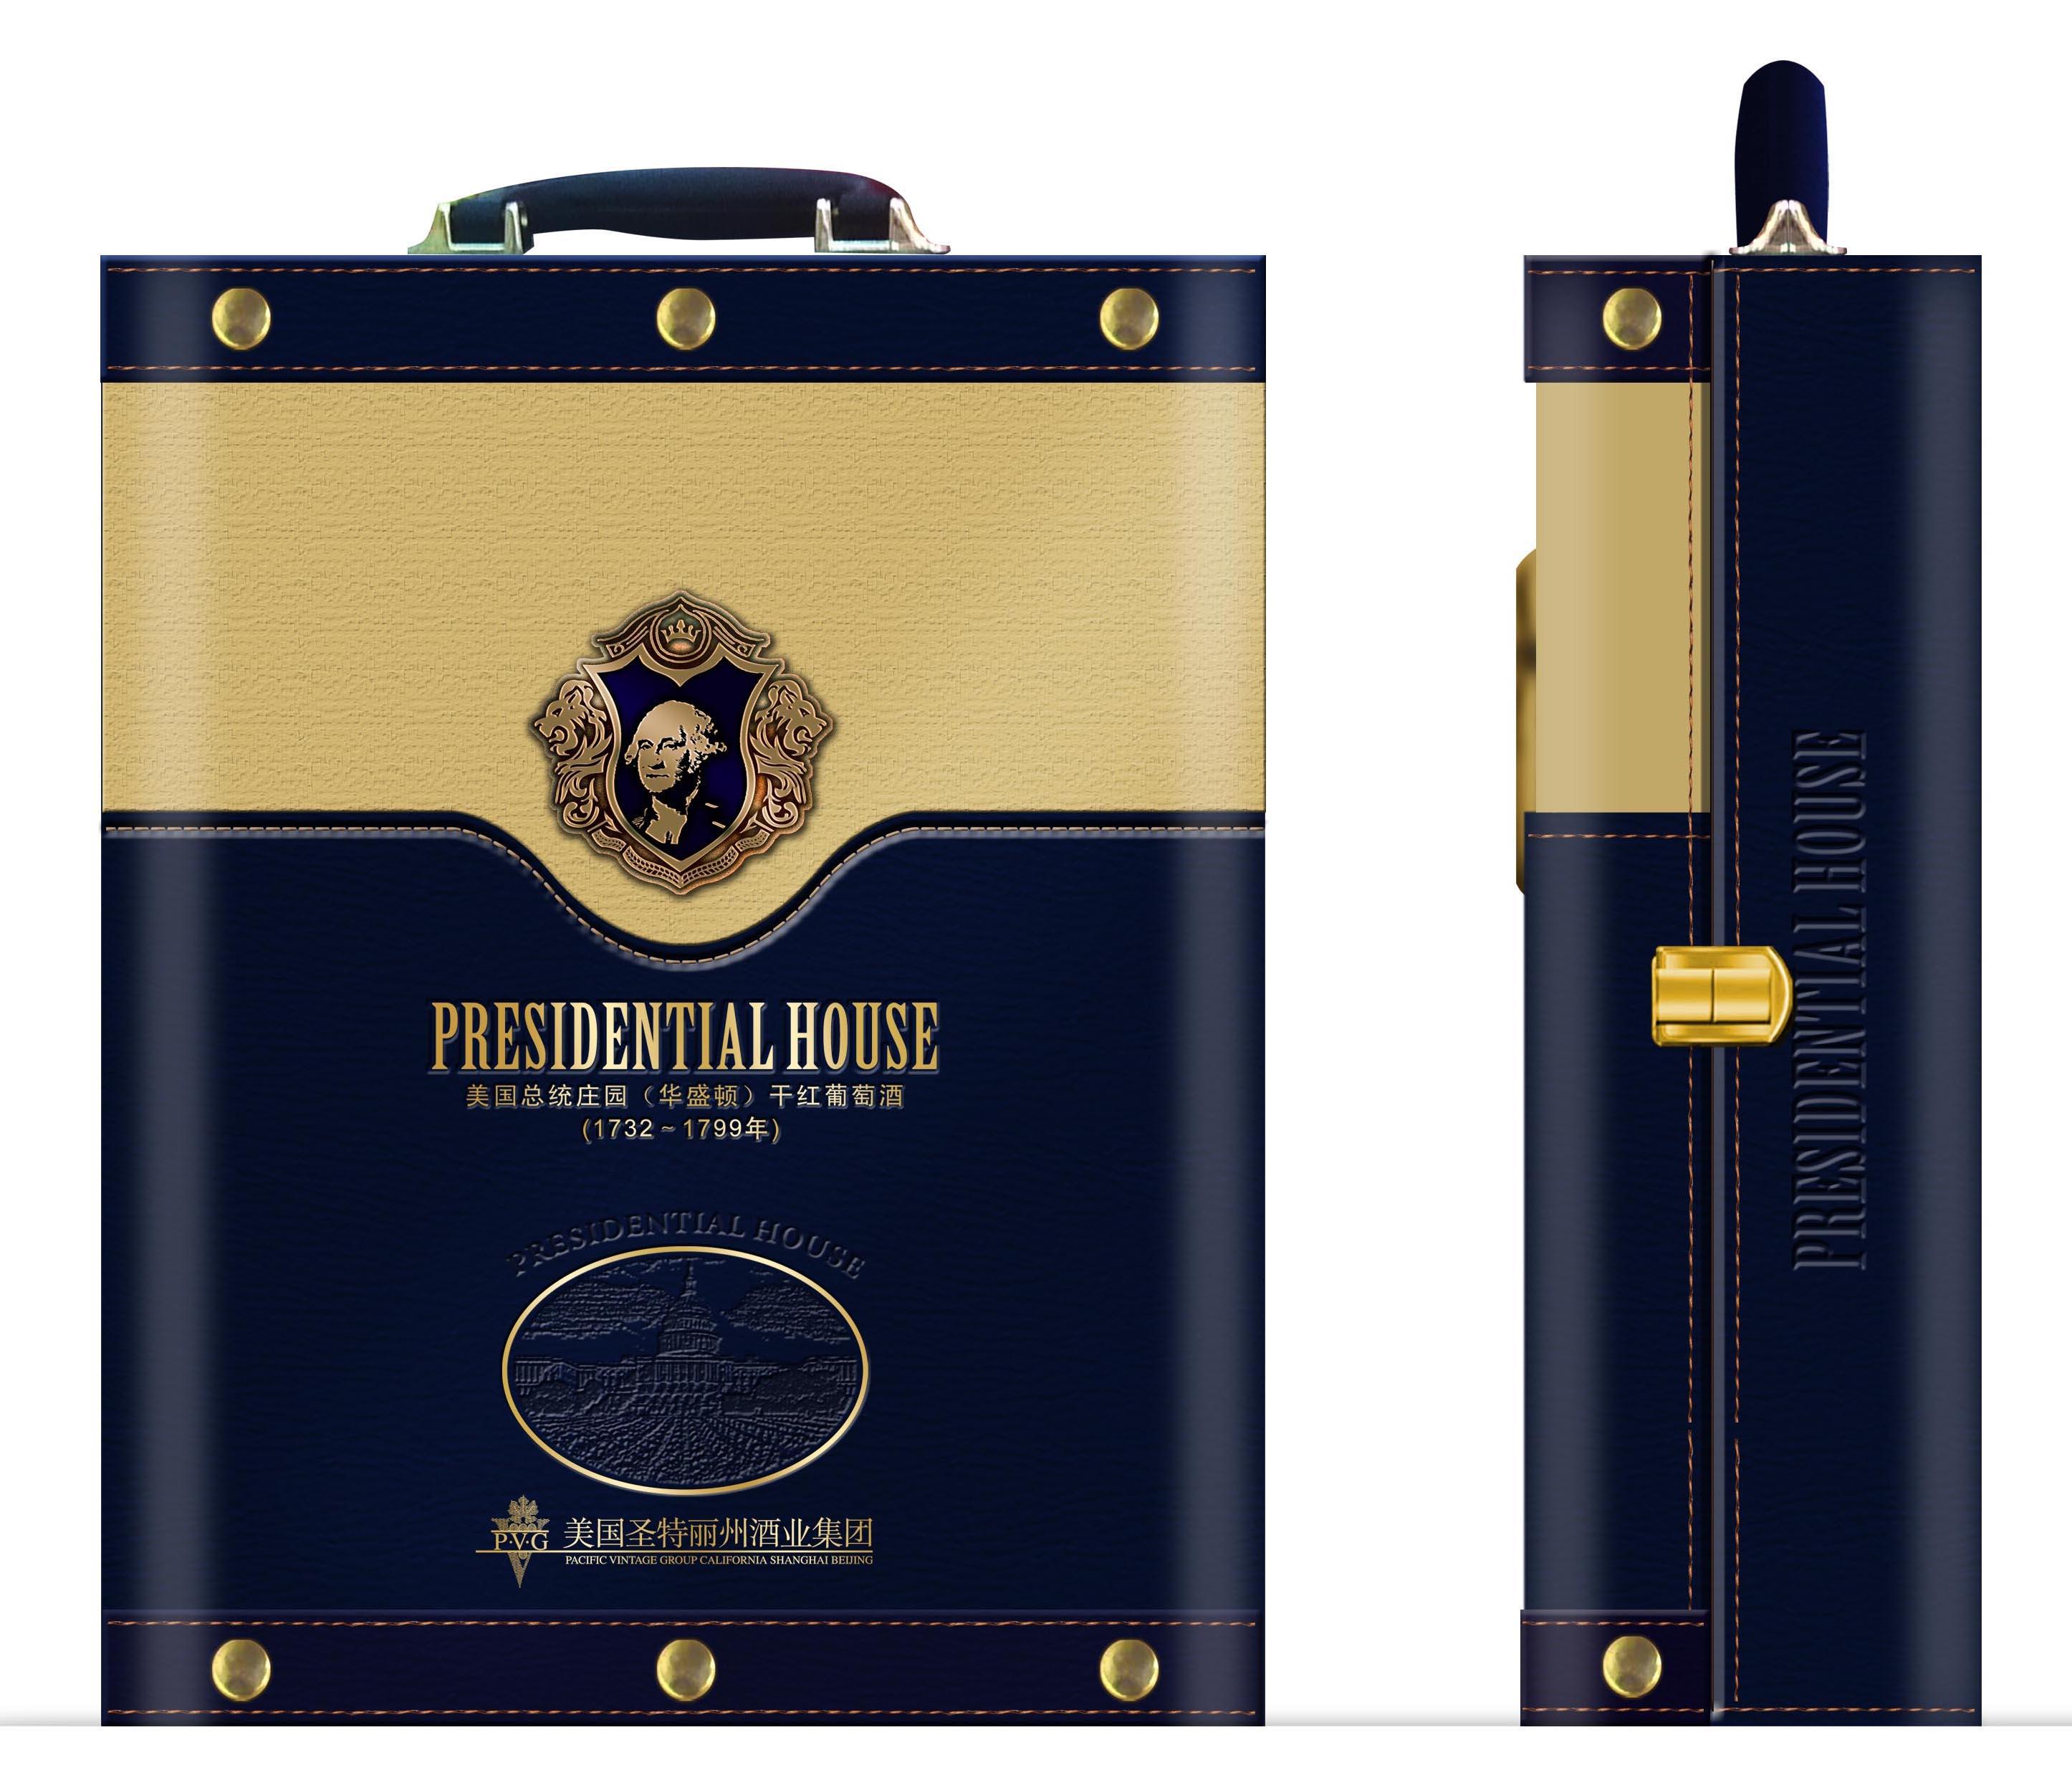 酒包装设计_红酒双支皮盒设计_艺鼎鹏图片